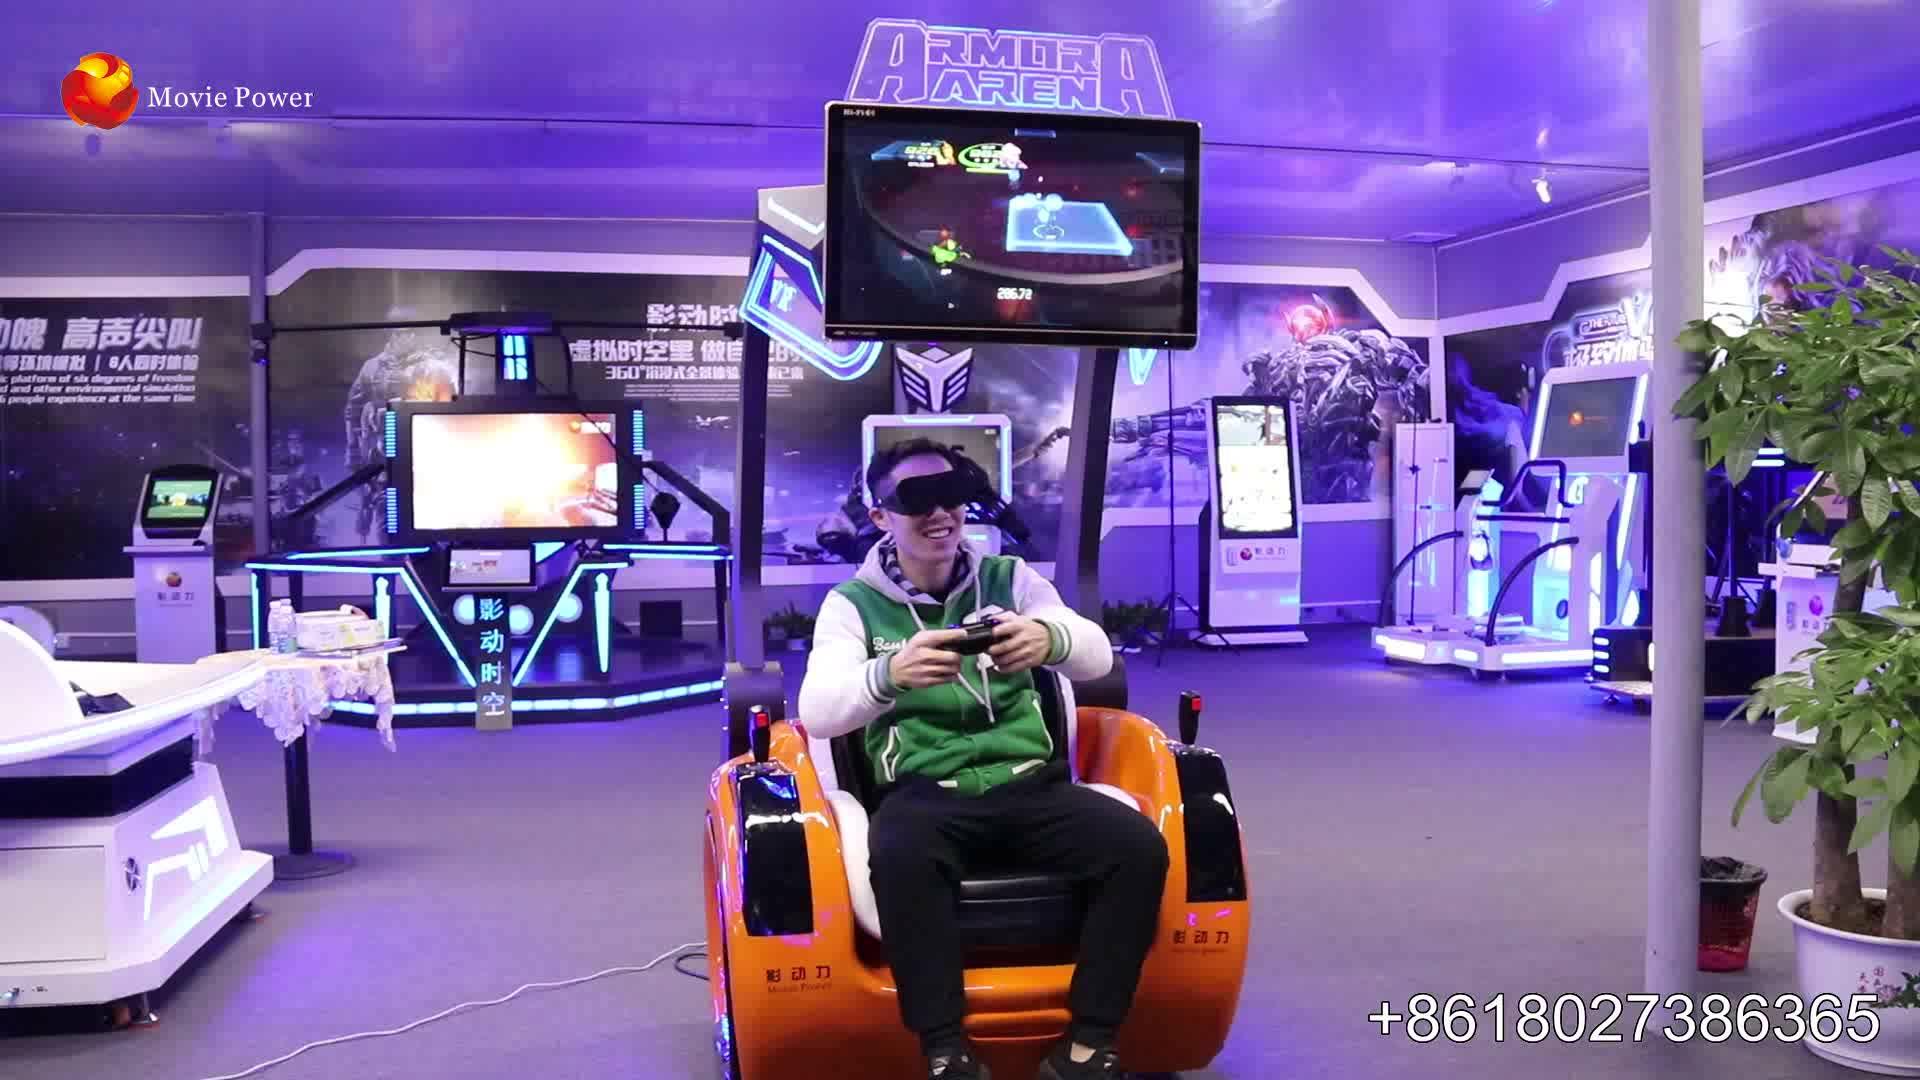 Münze + betrieben + spiele arcade maschine spiele für kinder Münze Betrieben Arcade-Simulator Horse Racing Spiel Maschine Für Kinder